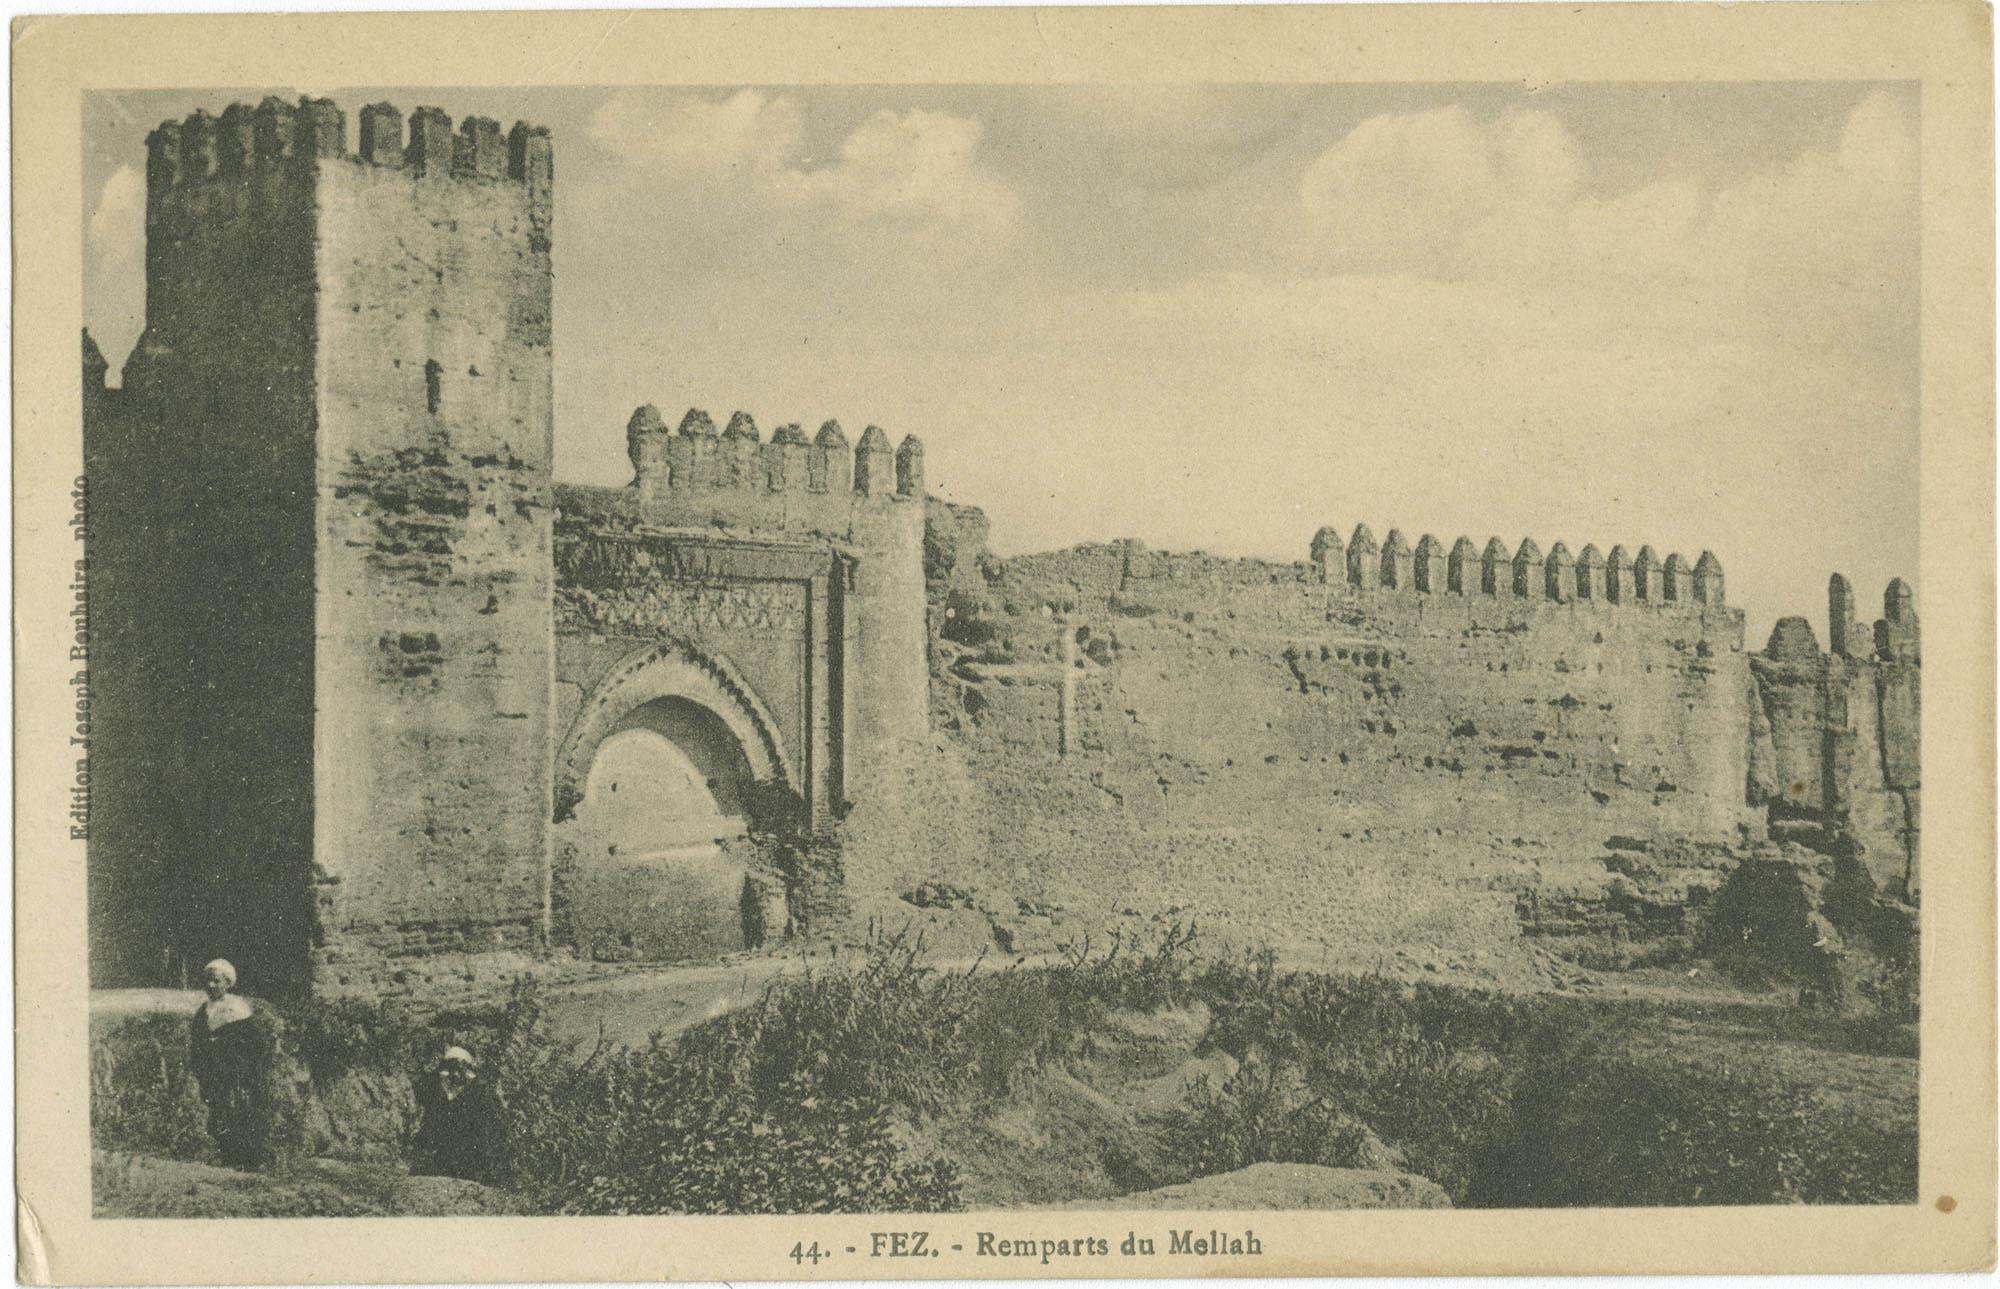 FEZ. - Remparts du Mellah